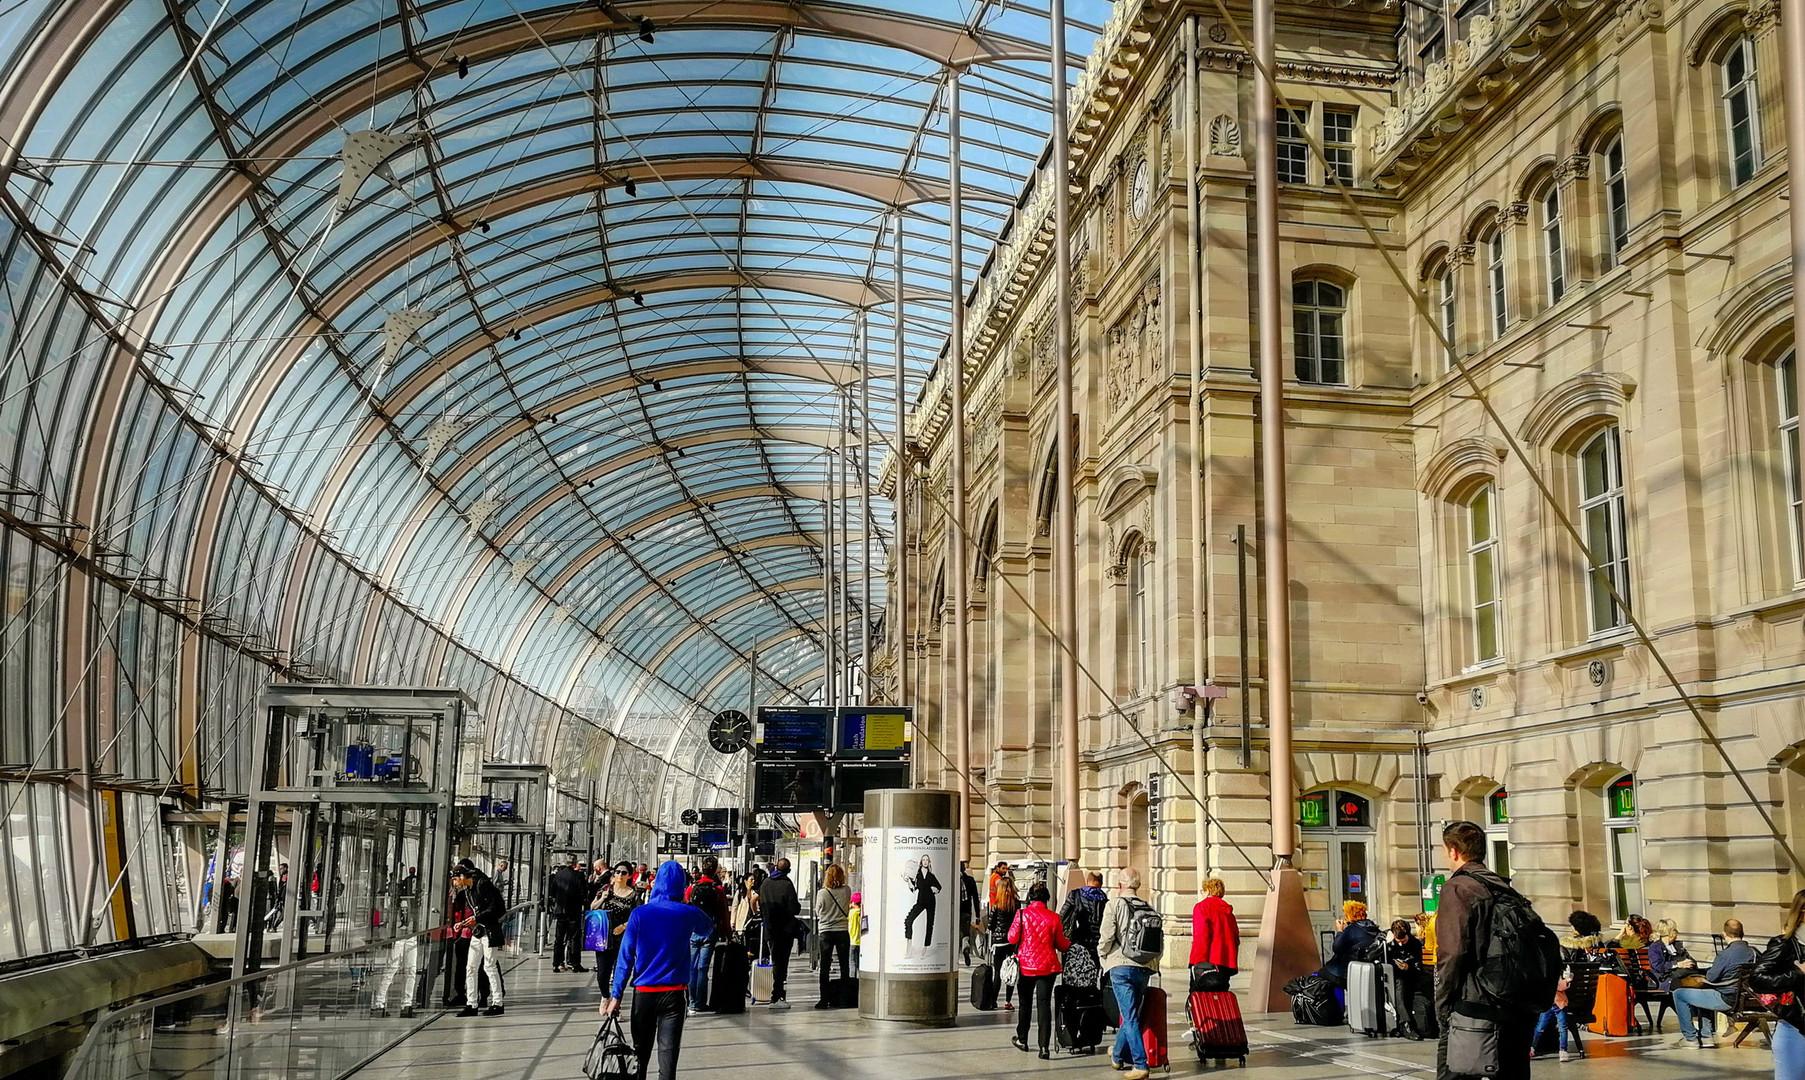 Ж/д вокзал Страсбурга